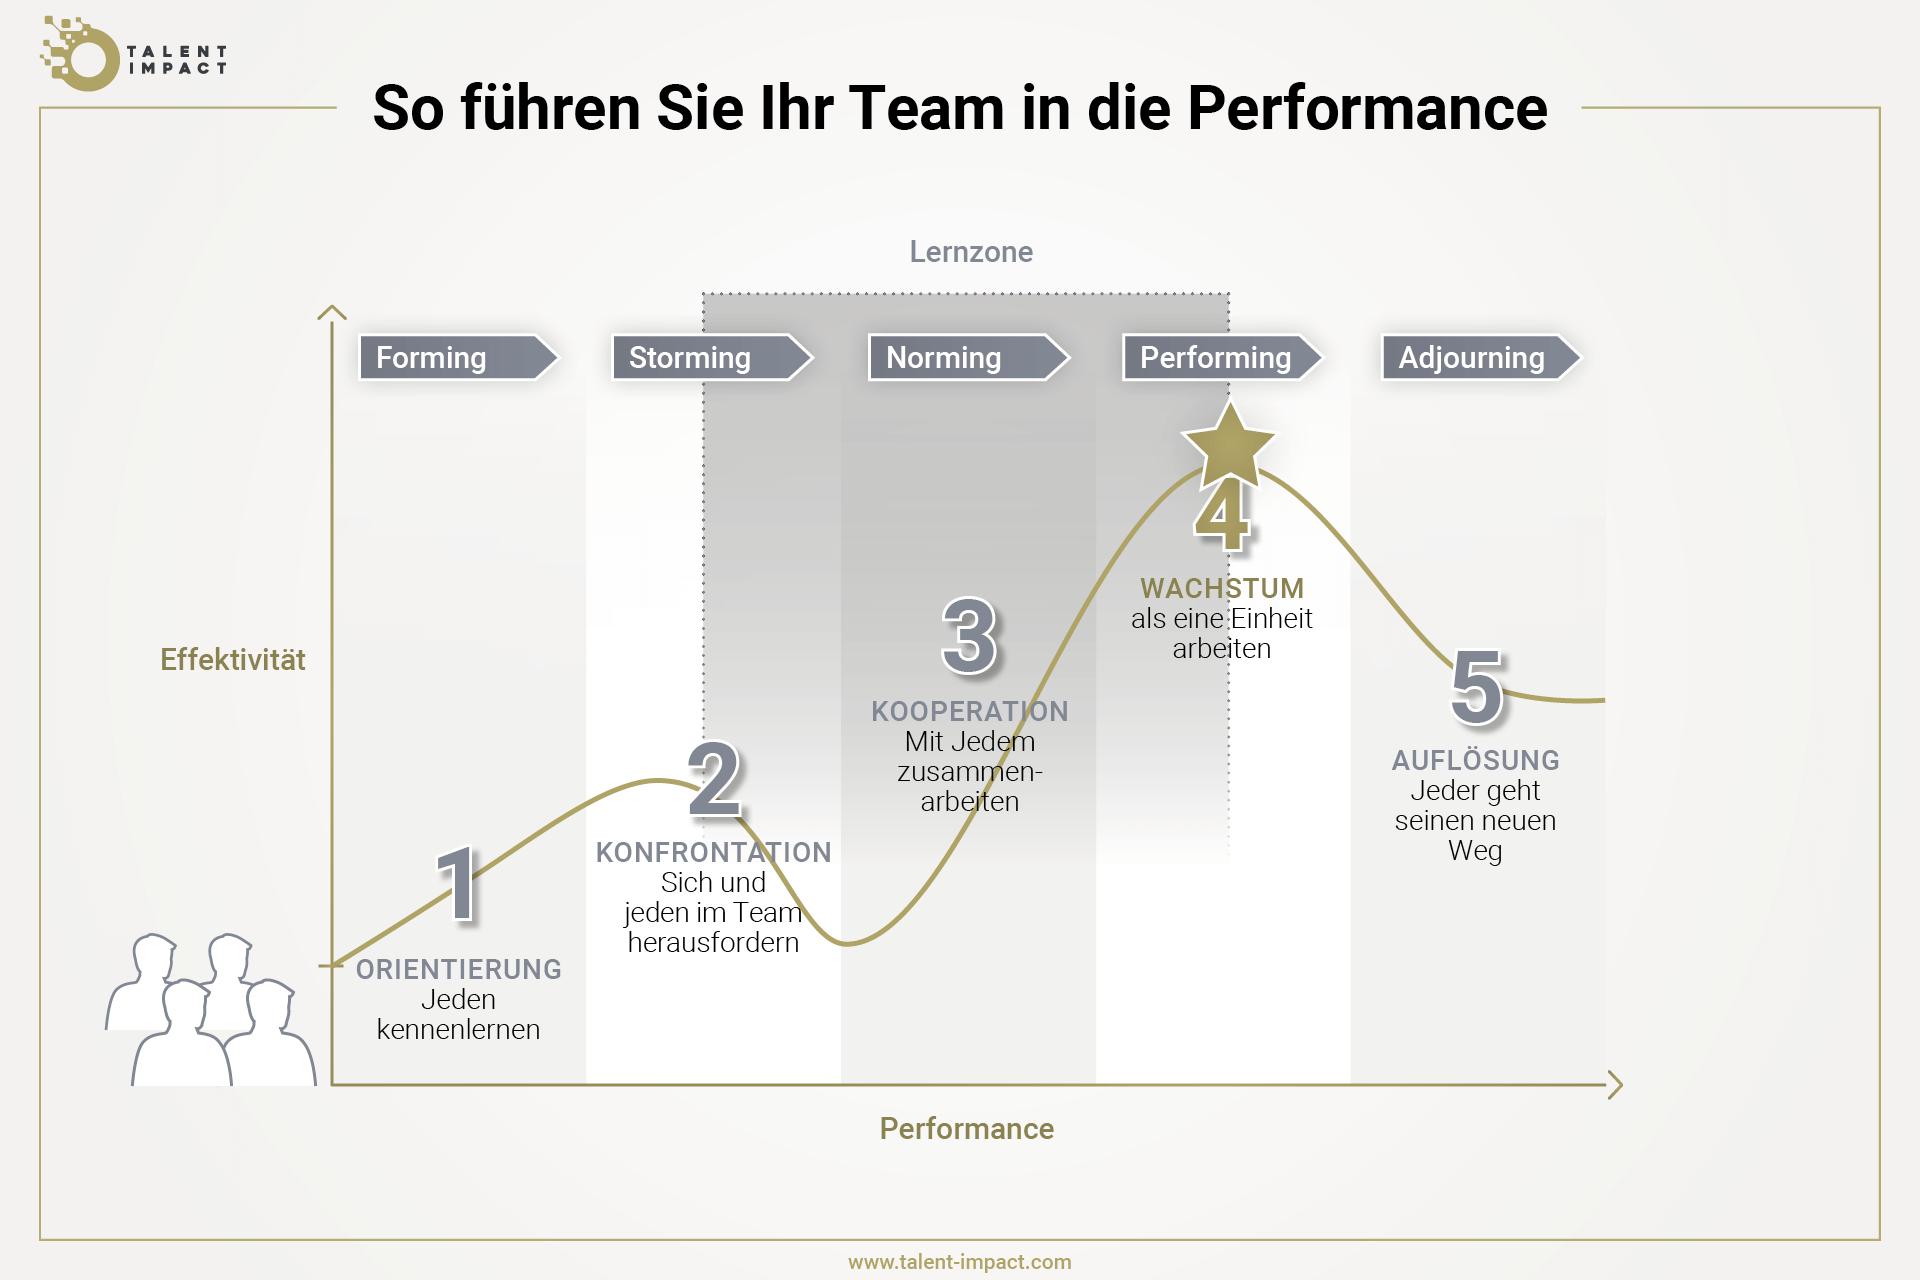 Grafik, die zeigt, wie ein Team sich in fünf Phasen in die Performance entwickelt